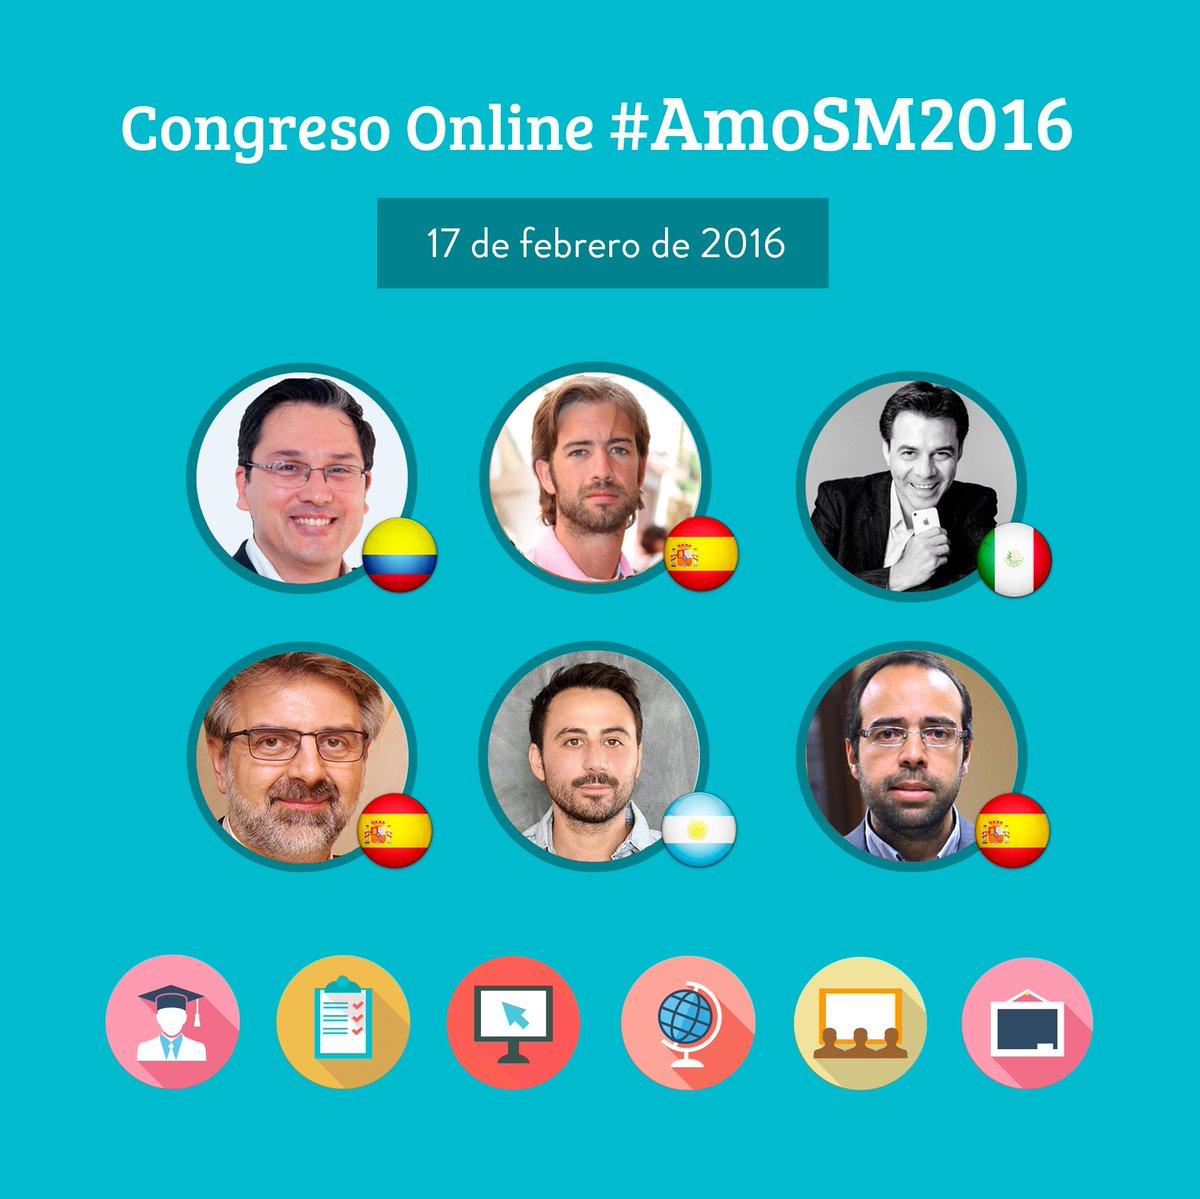 ¡Este miércoles hay a un gran Congreso online de #SocialMedia! ¡¡#AmoSM2016!!